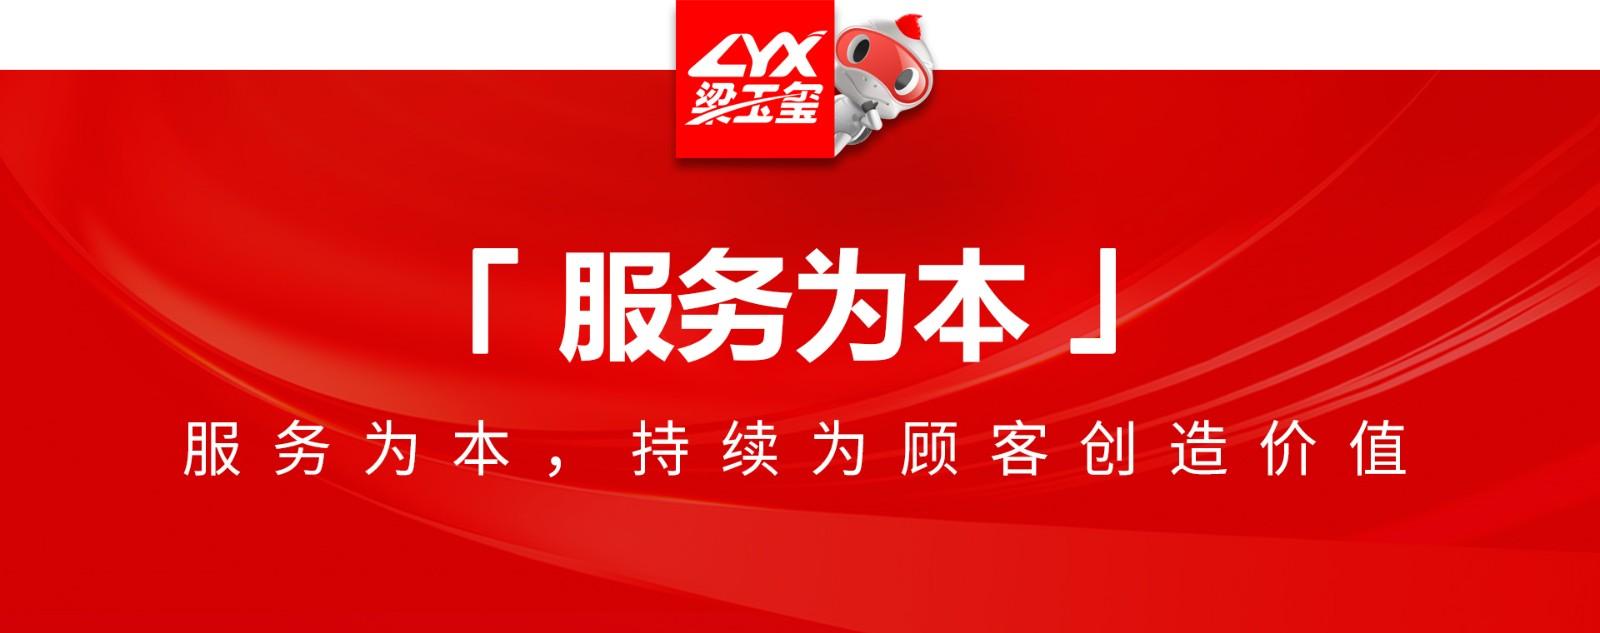 梁玉玺banner-9.jpg